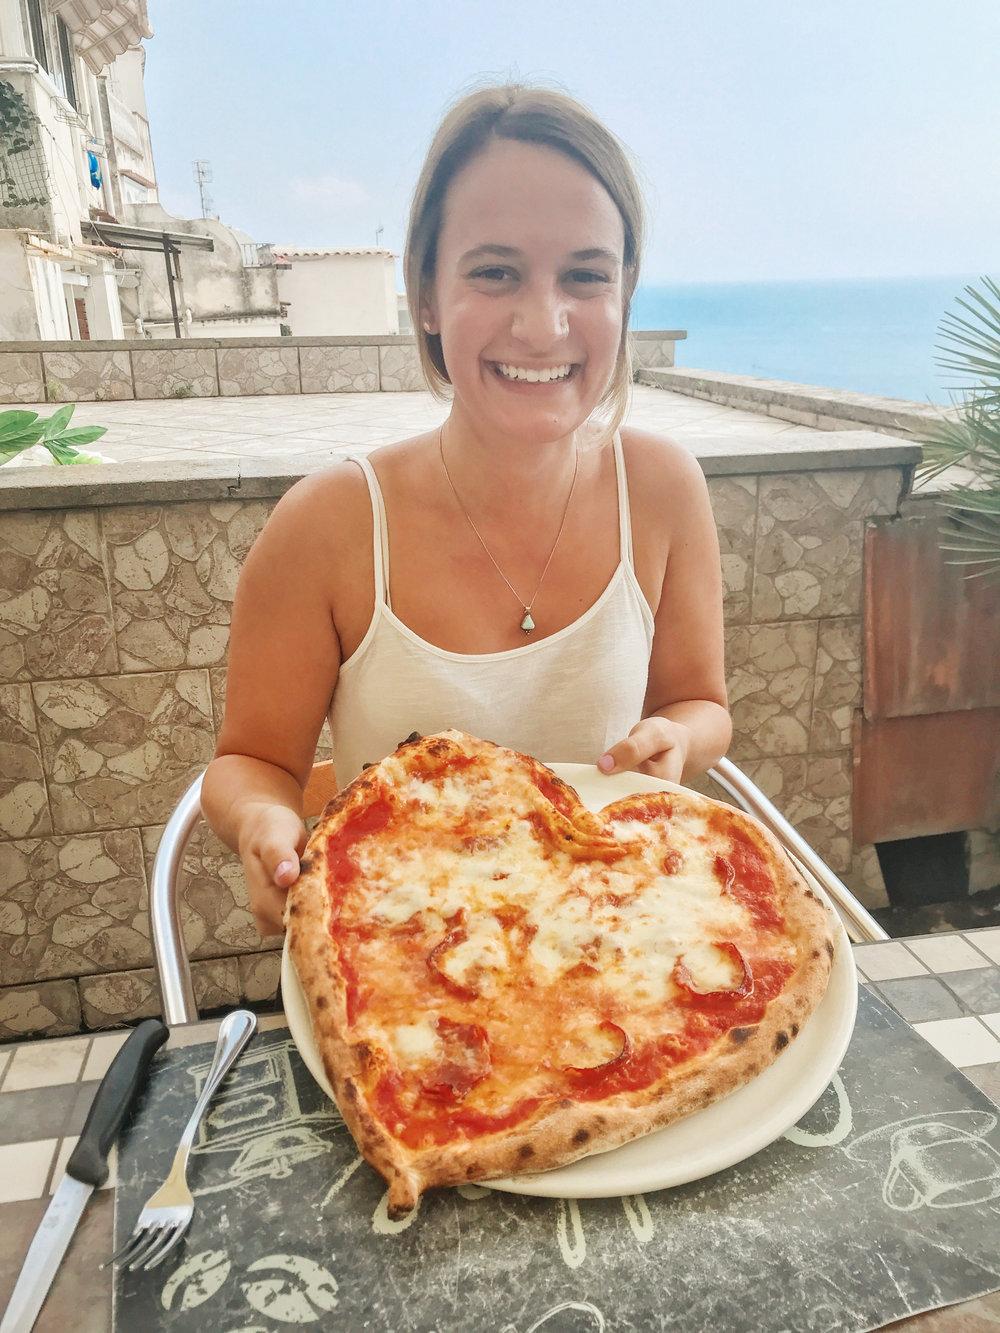 Italy-Positano-Rome-Amalfi-Coast-Lena-Mirisola-48.JPG